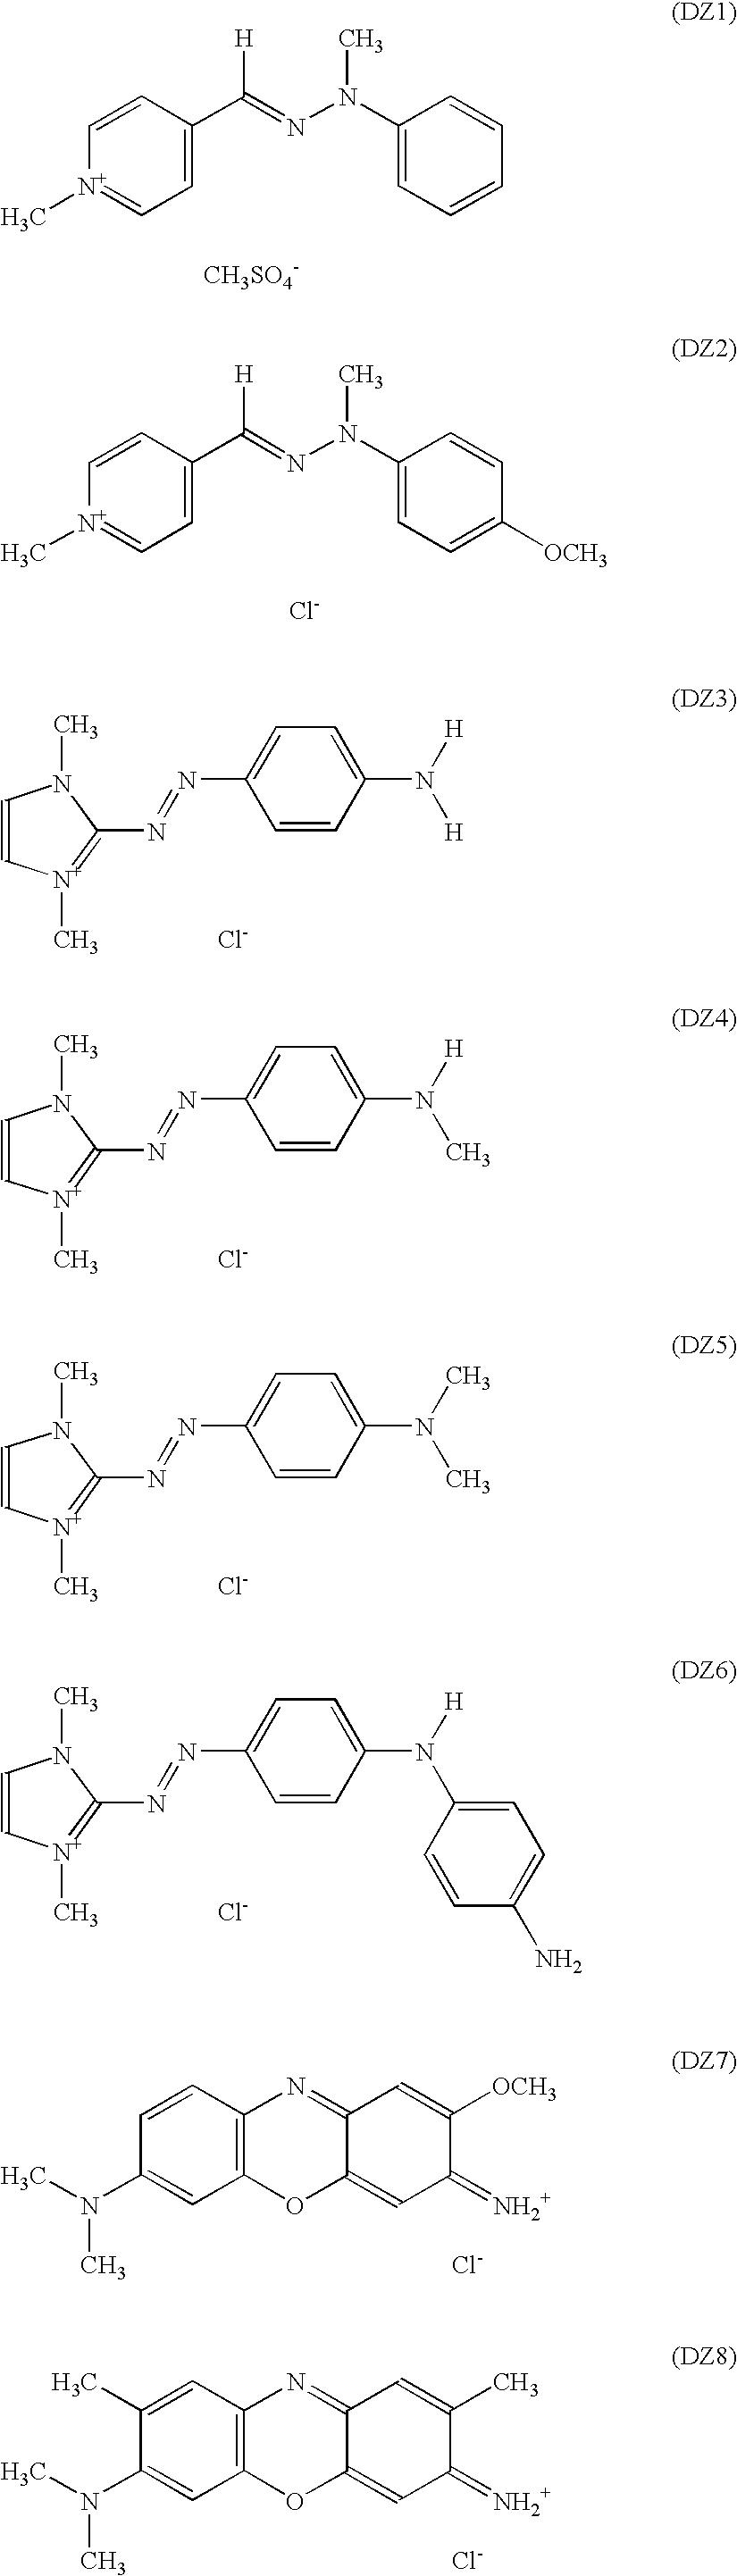 Figure US20040064901A1-20040408-C00008